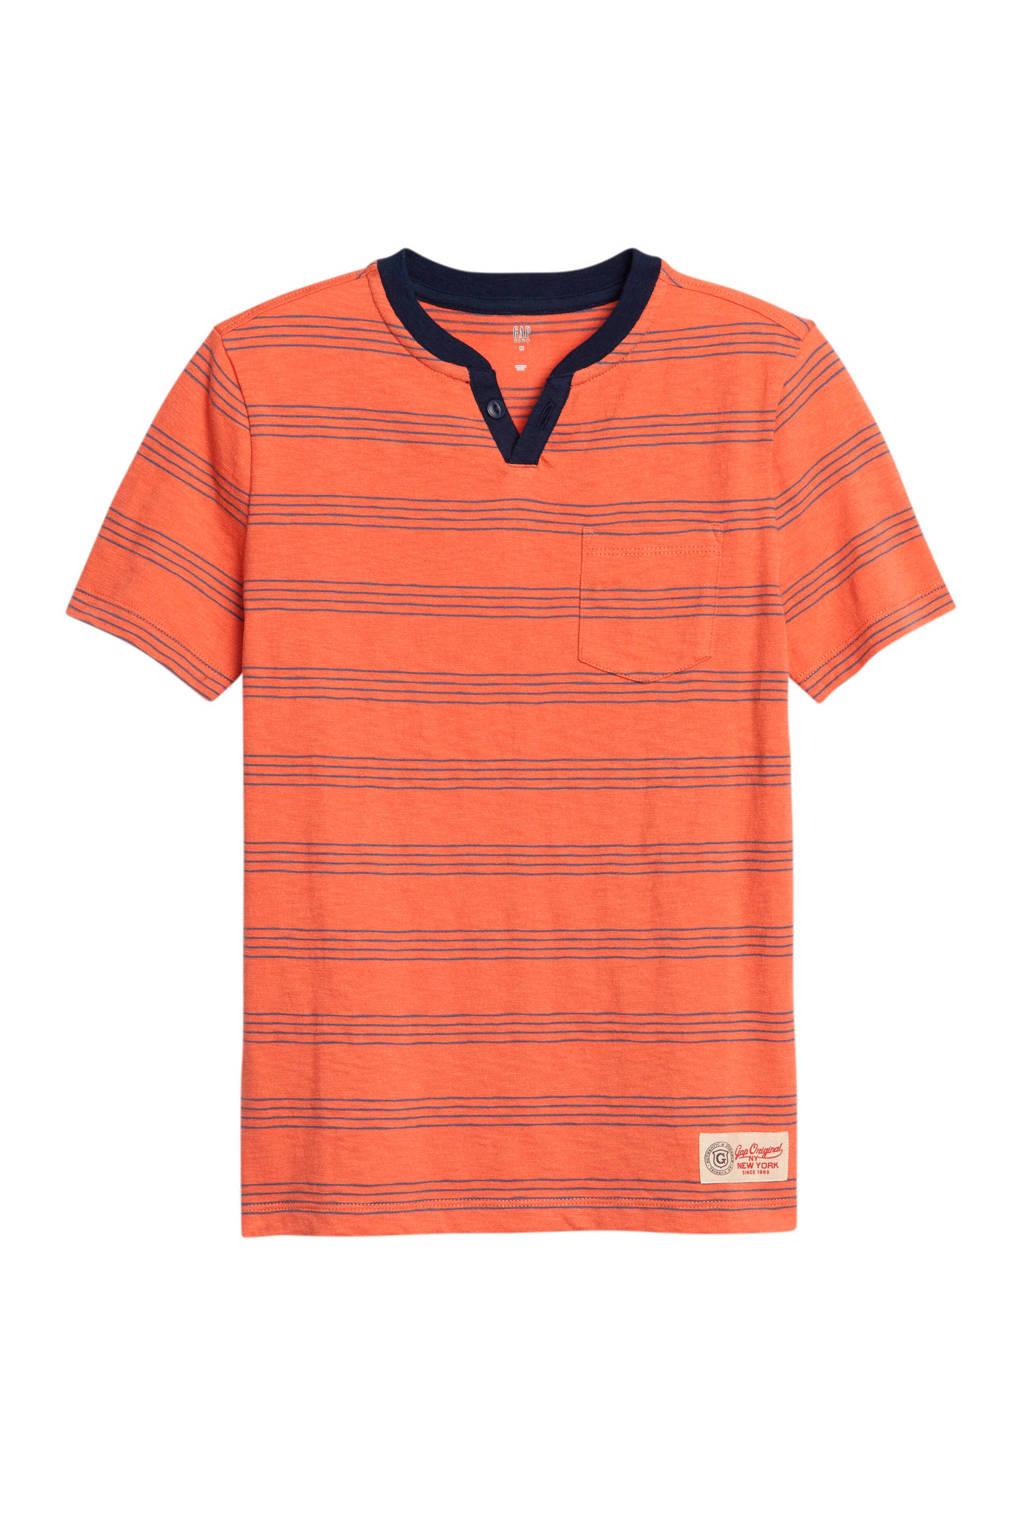 GAP gestreept T-shirt koraalrood/blauw, Koraalrood/blauw